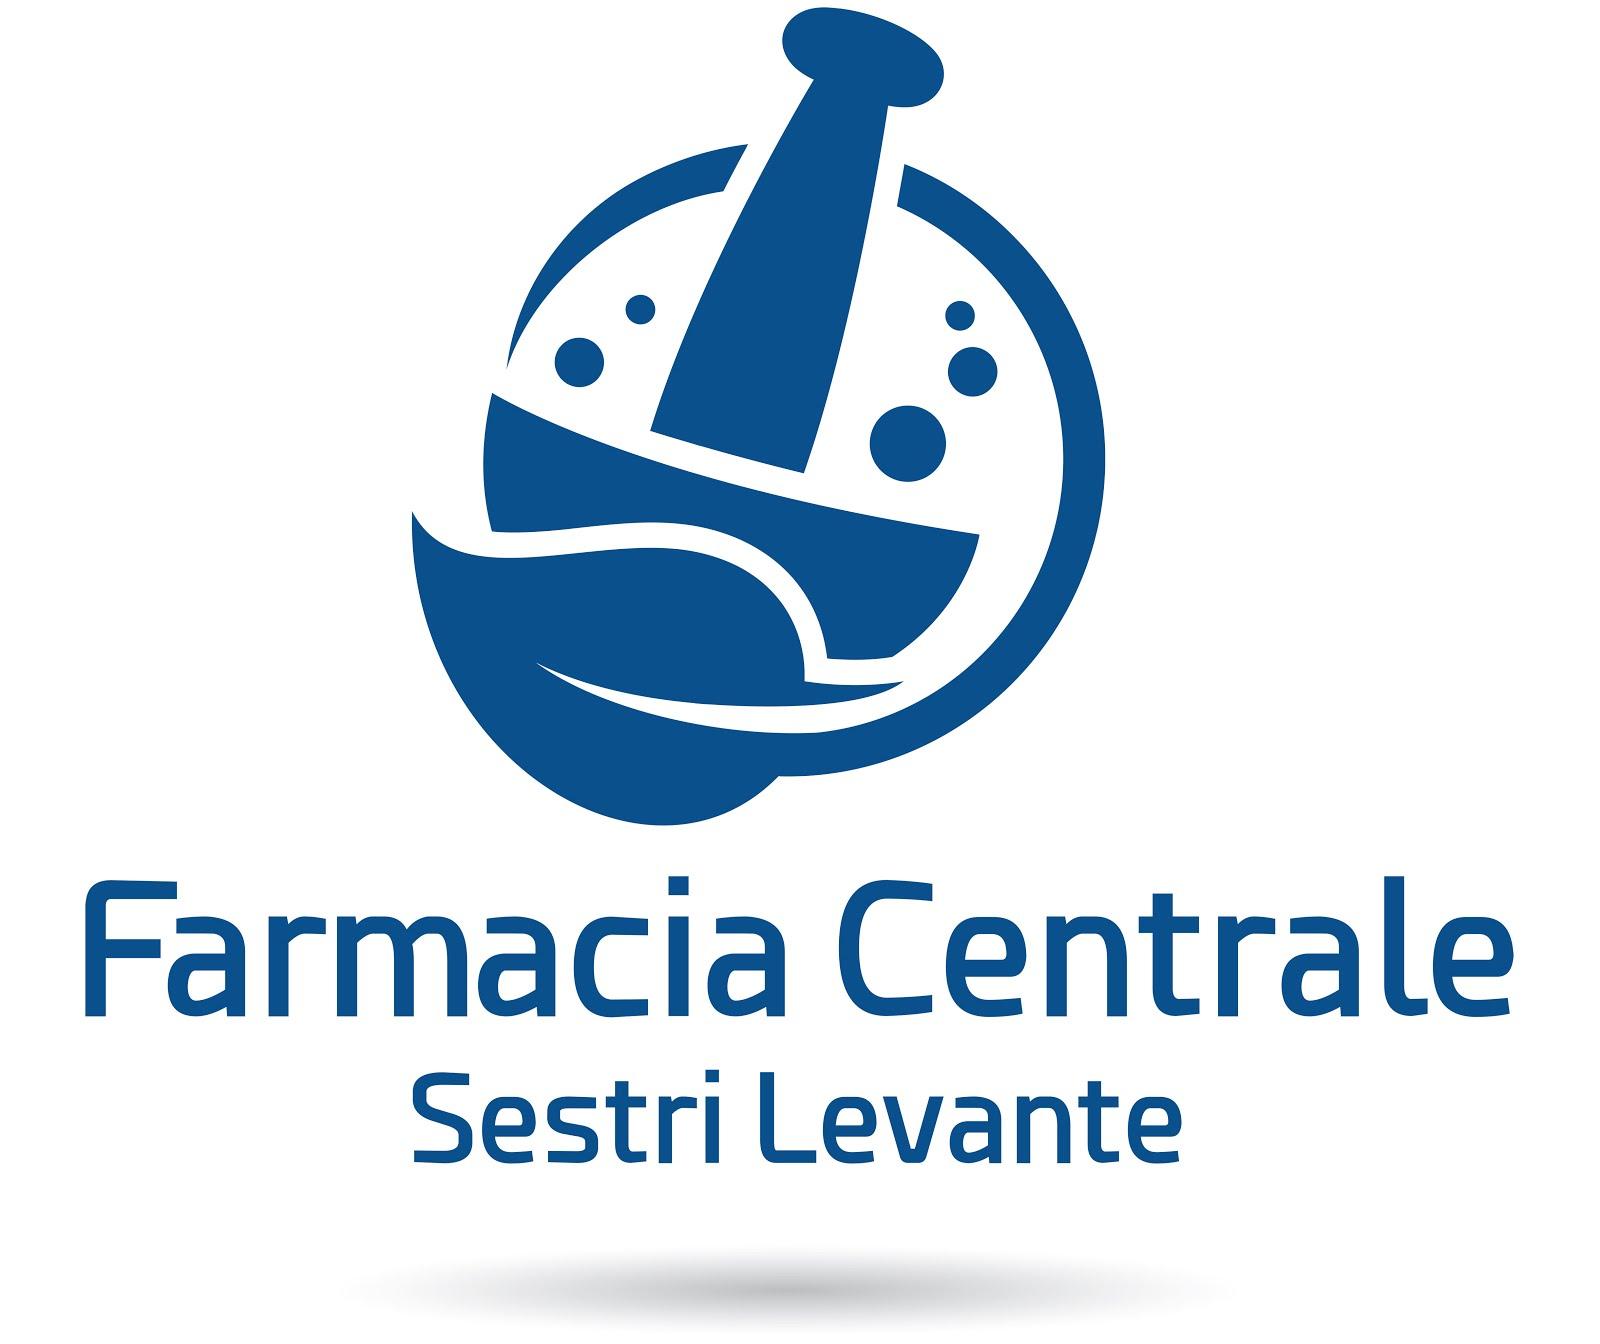 Farm Centrale Sartorelli